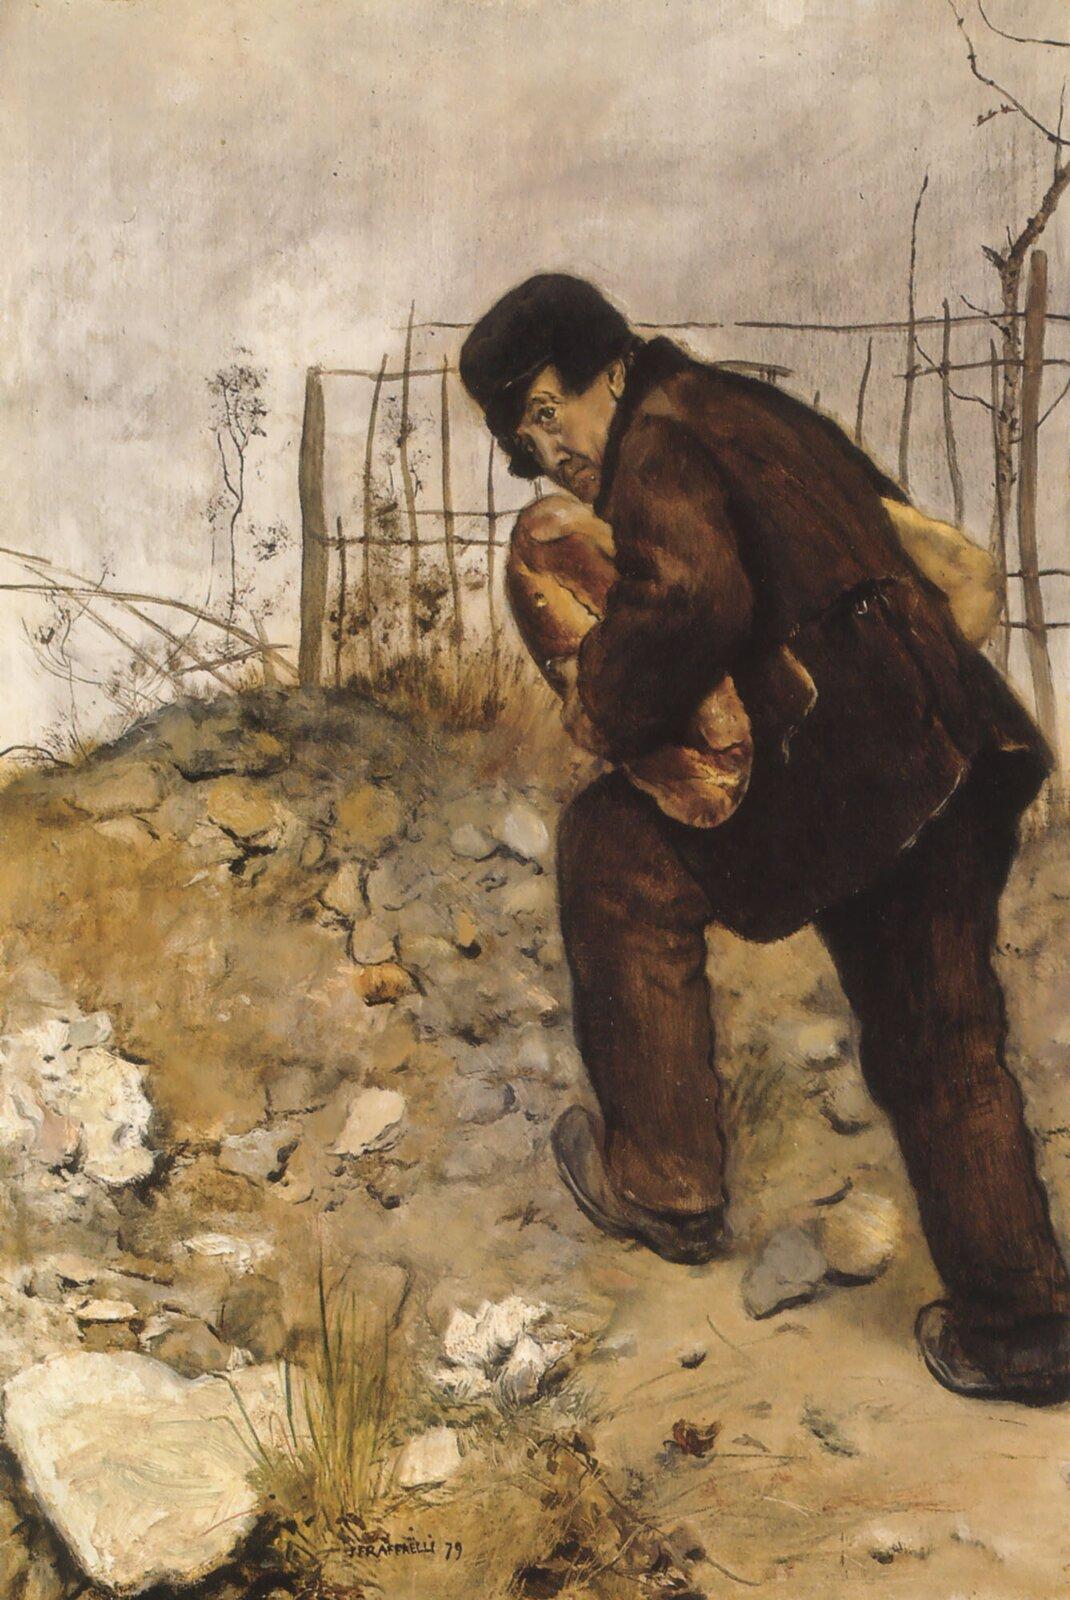 Mężczyzna zdwoma bochenkami chleba Źródło: Jean François Raffaëlli, Mężczyzna zdwoma bochenkami chleba, 1879, olej na płótnie, domena publiczna.